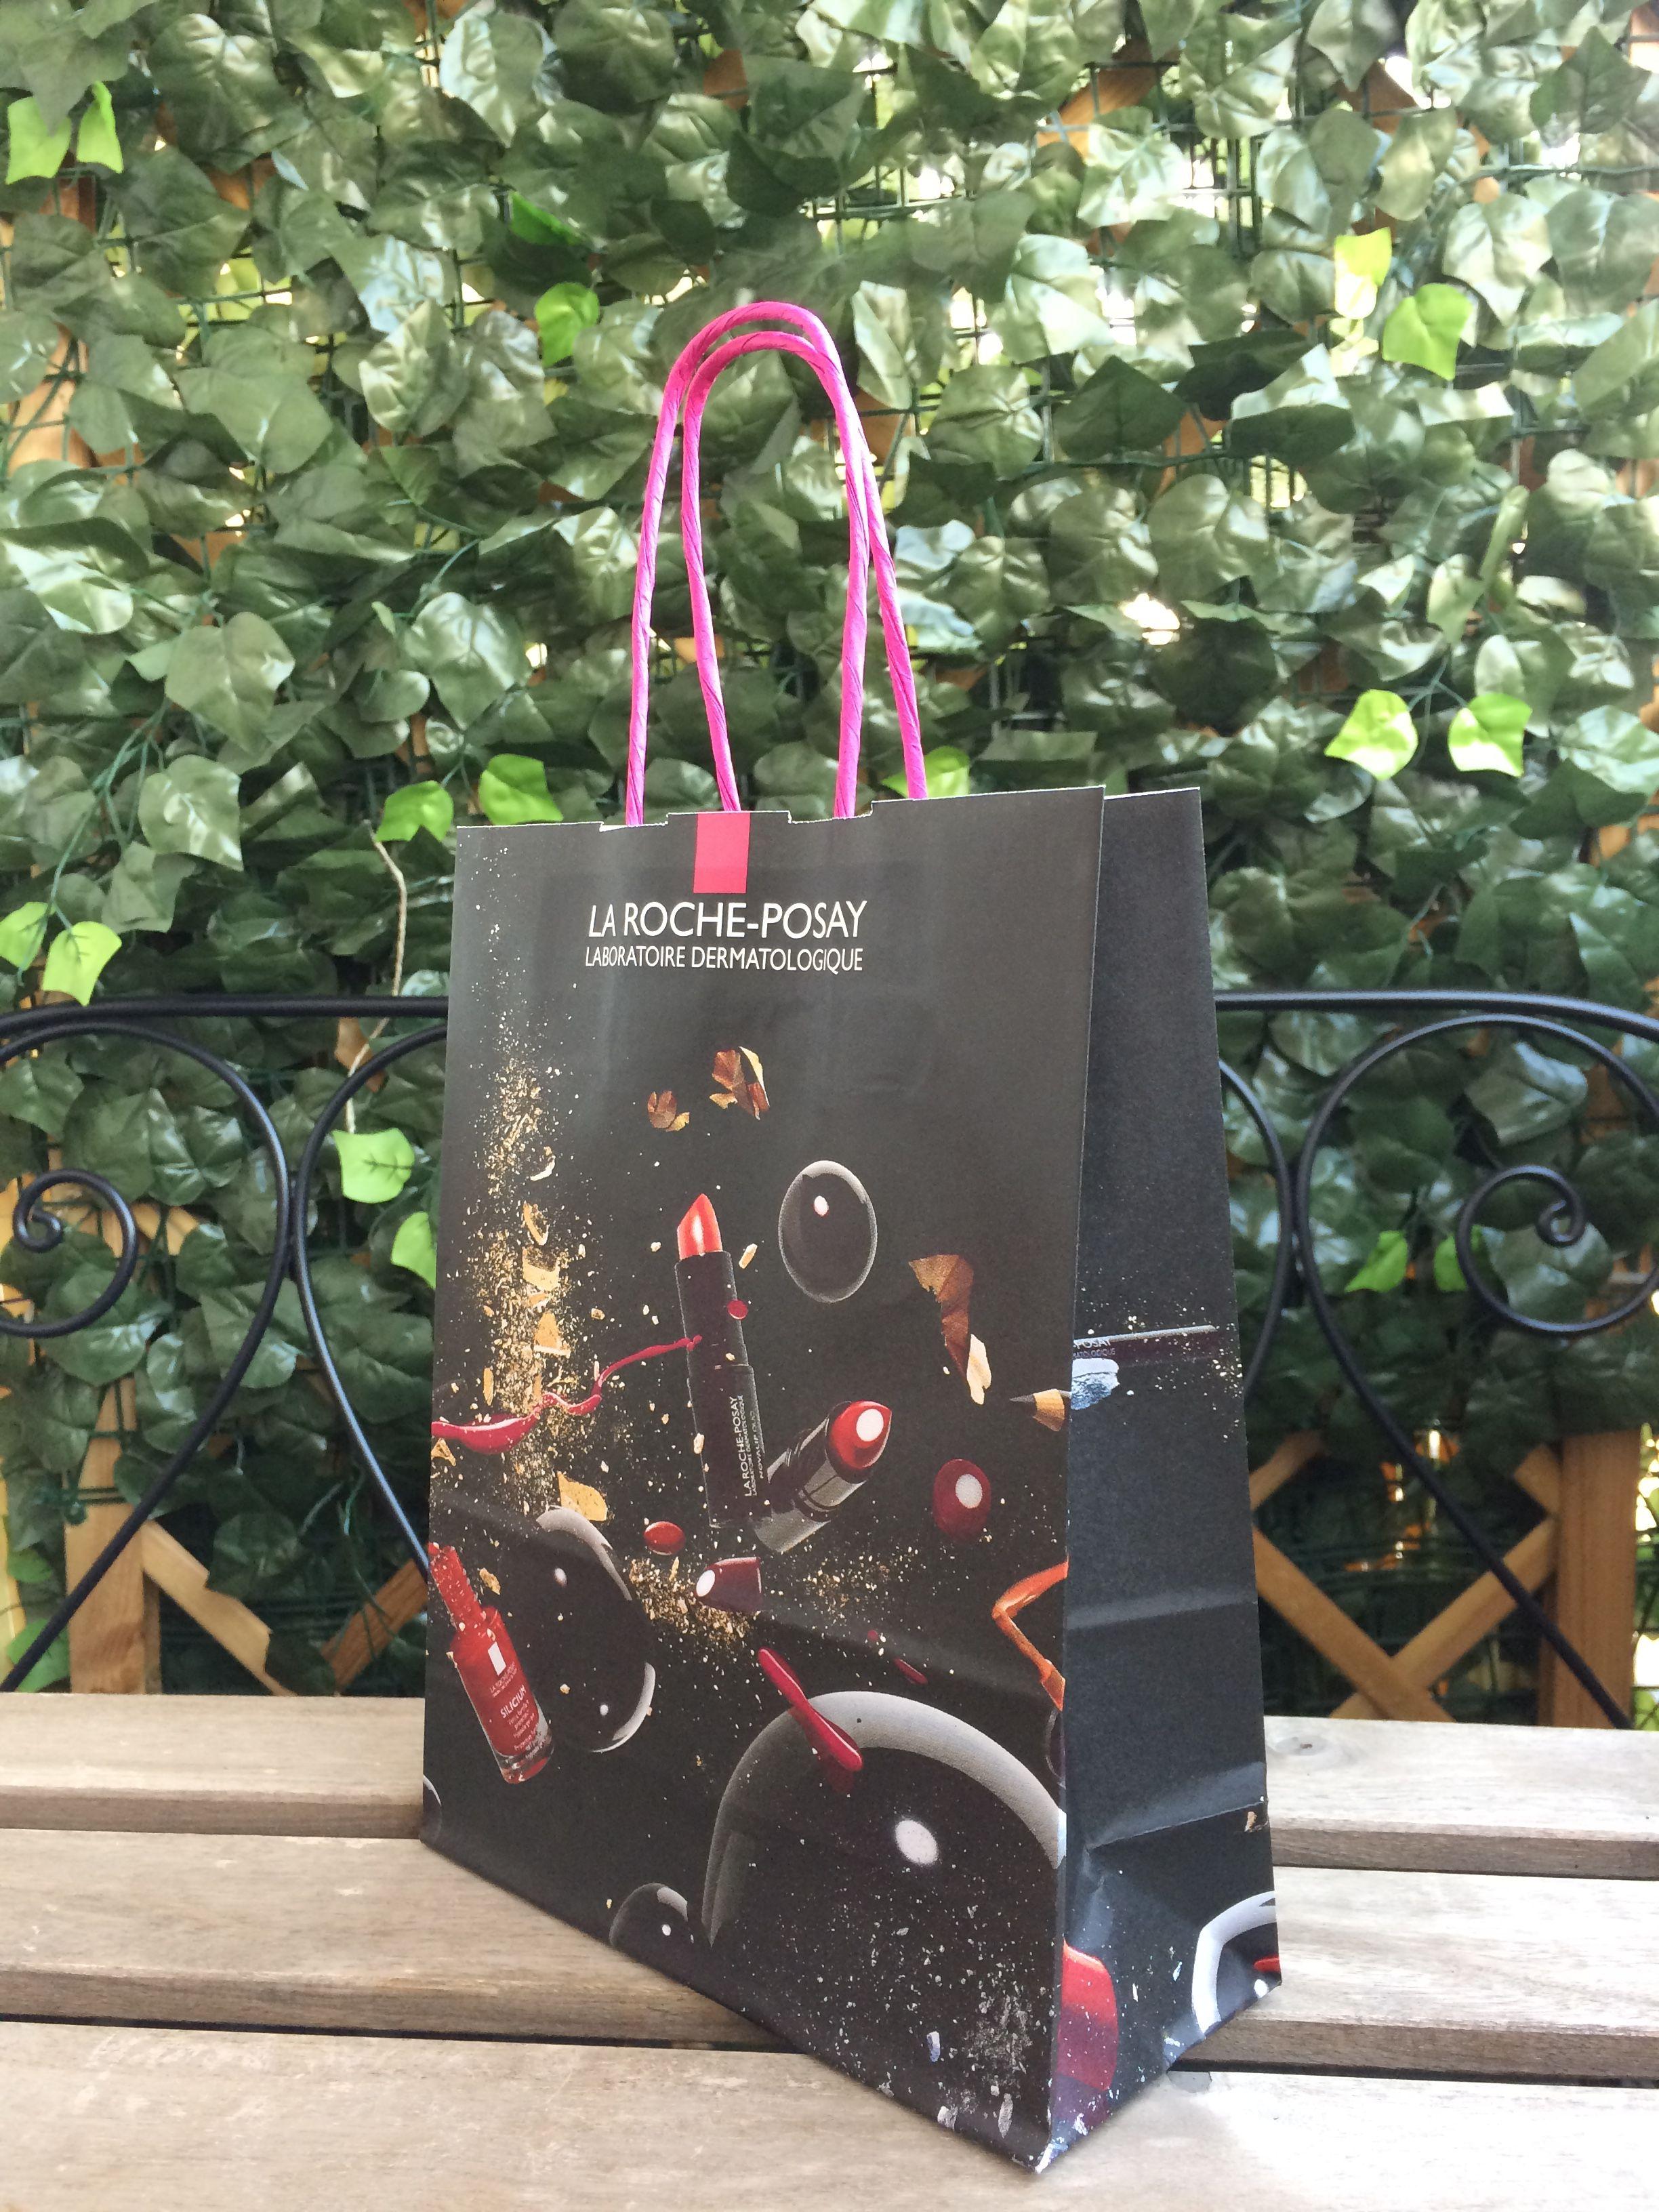 Carugate, 25/01/2017 #Carosello #shoppingbag